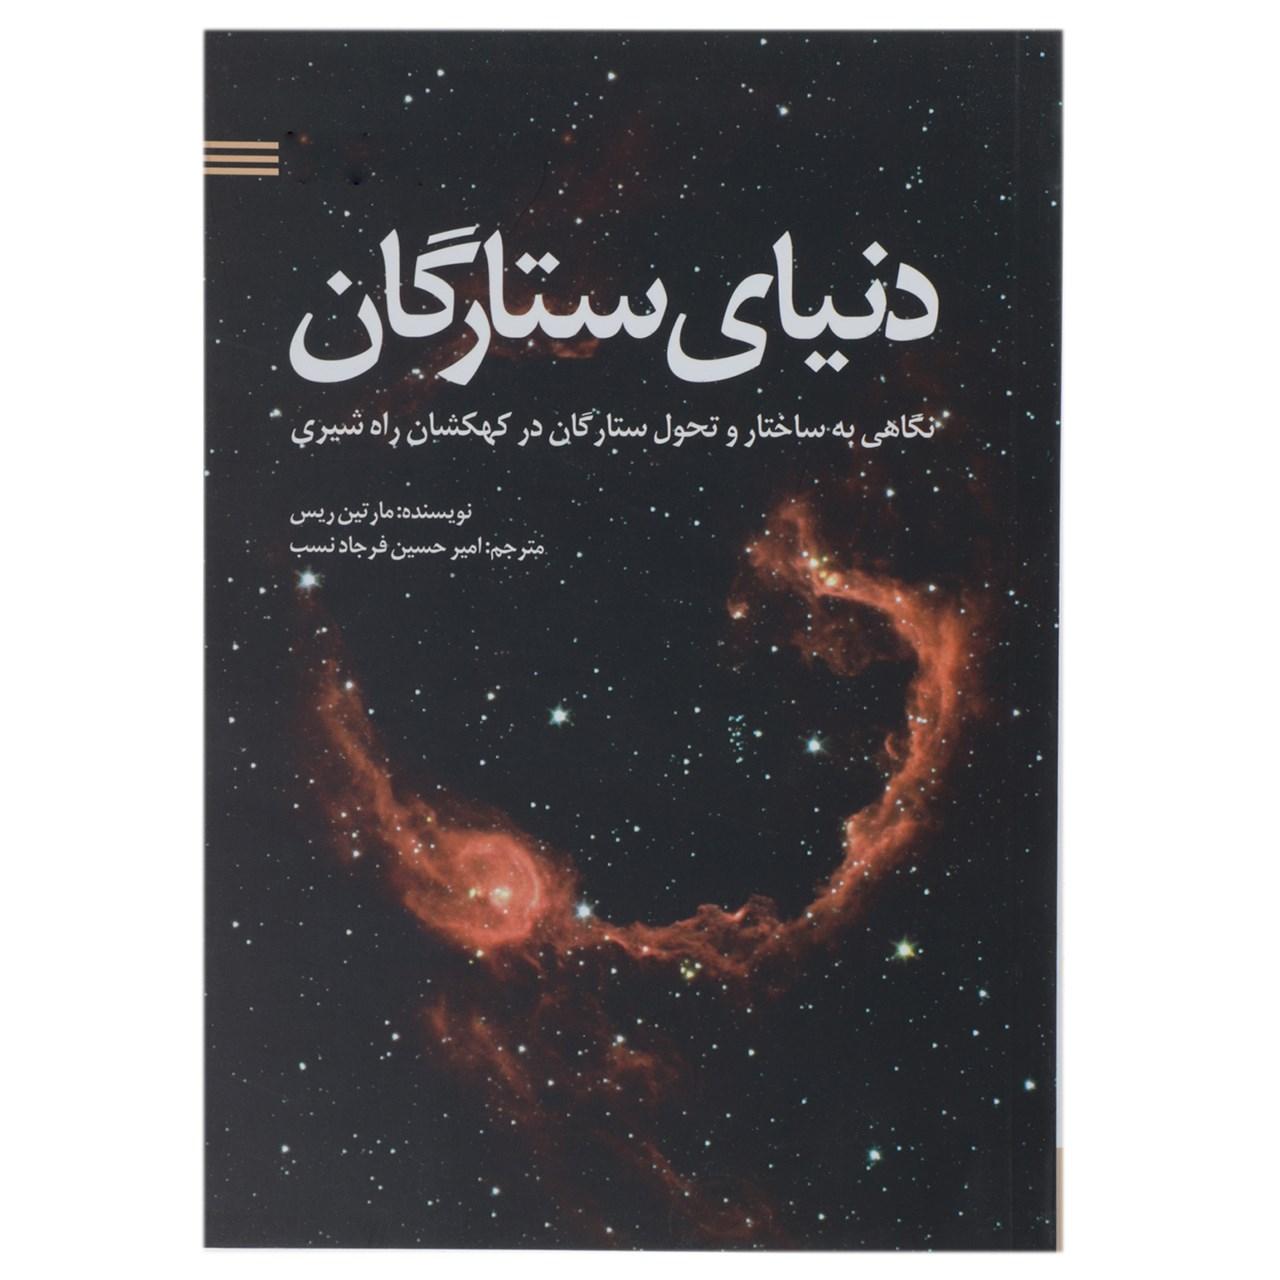 کتاب دنیای ستارگان اثر مارتین ریس